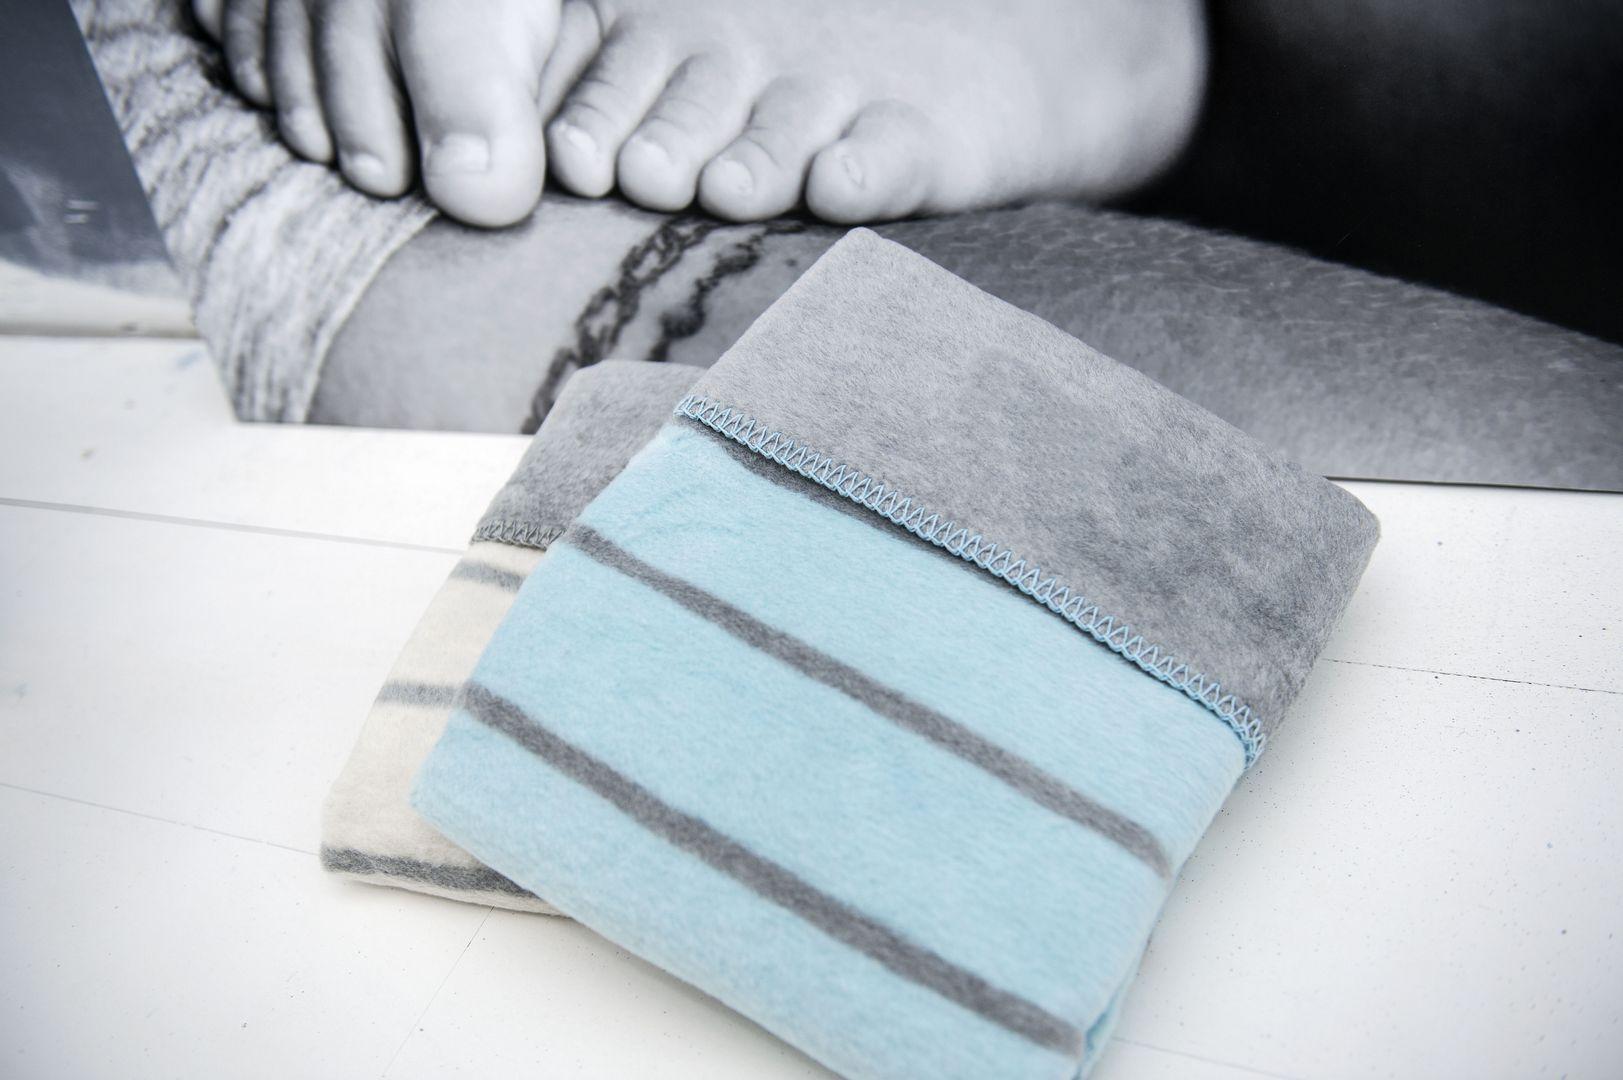 Детское хлопковое одеяло/плед, 75x100cm